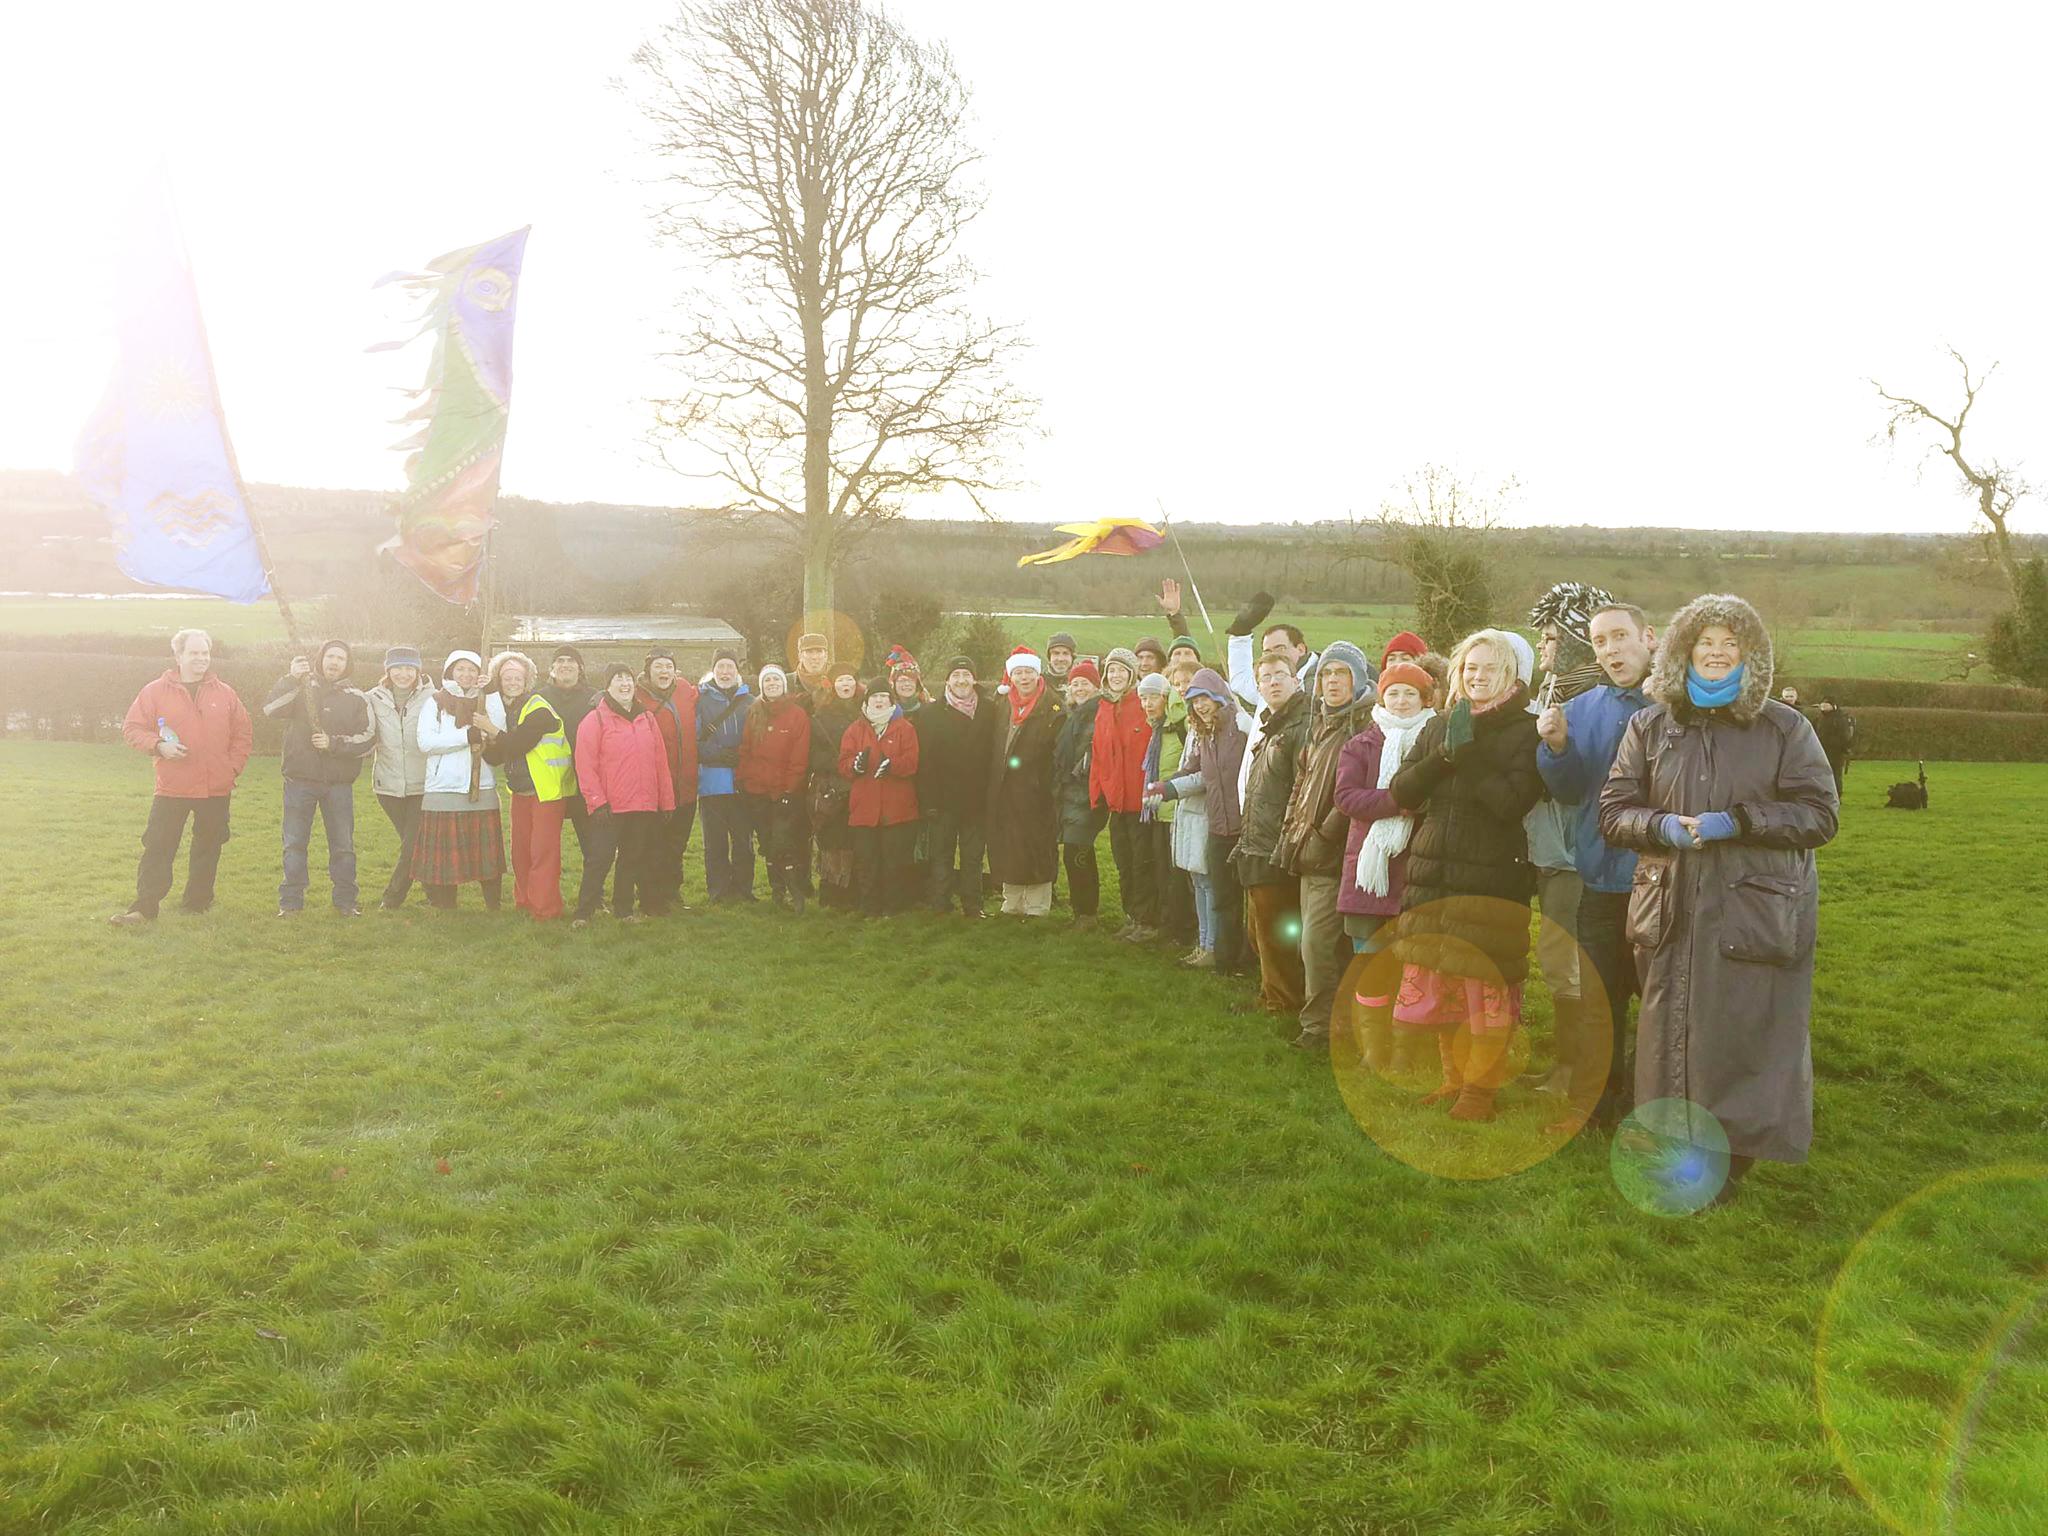 Winter solstice 2013 at Newgrange Solstice sunrise